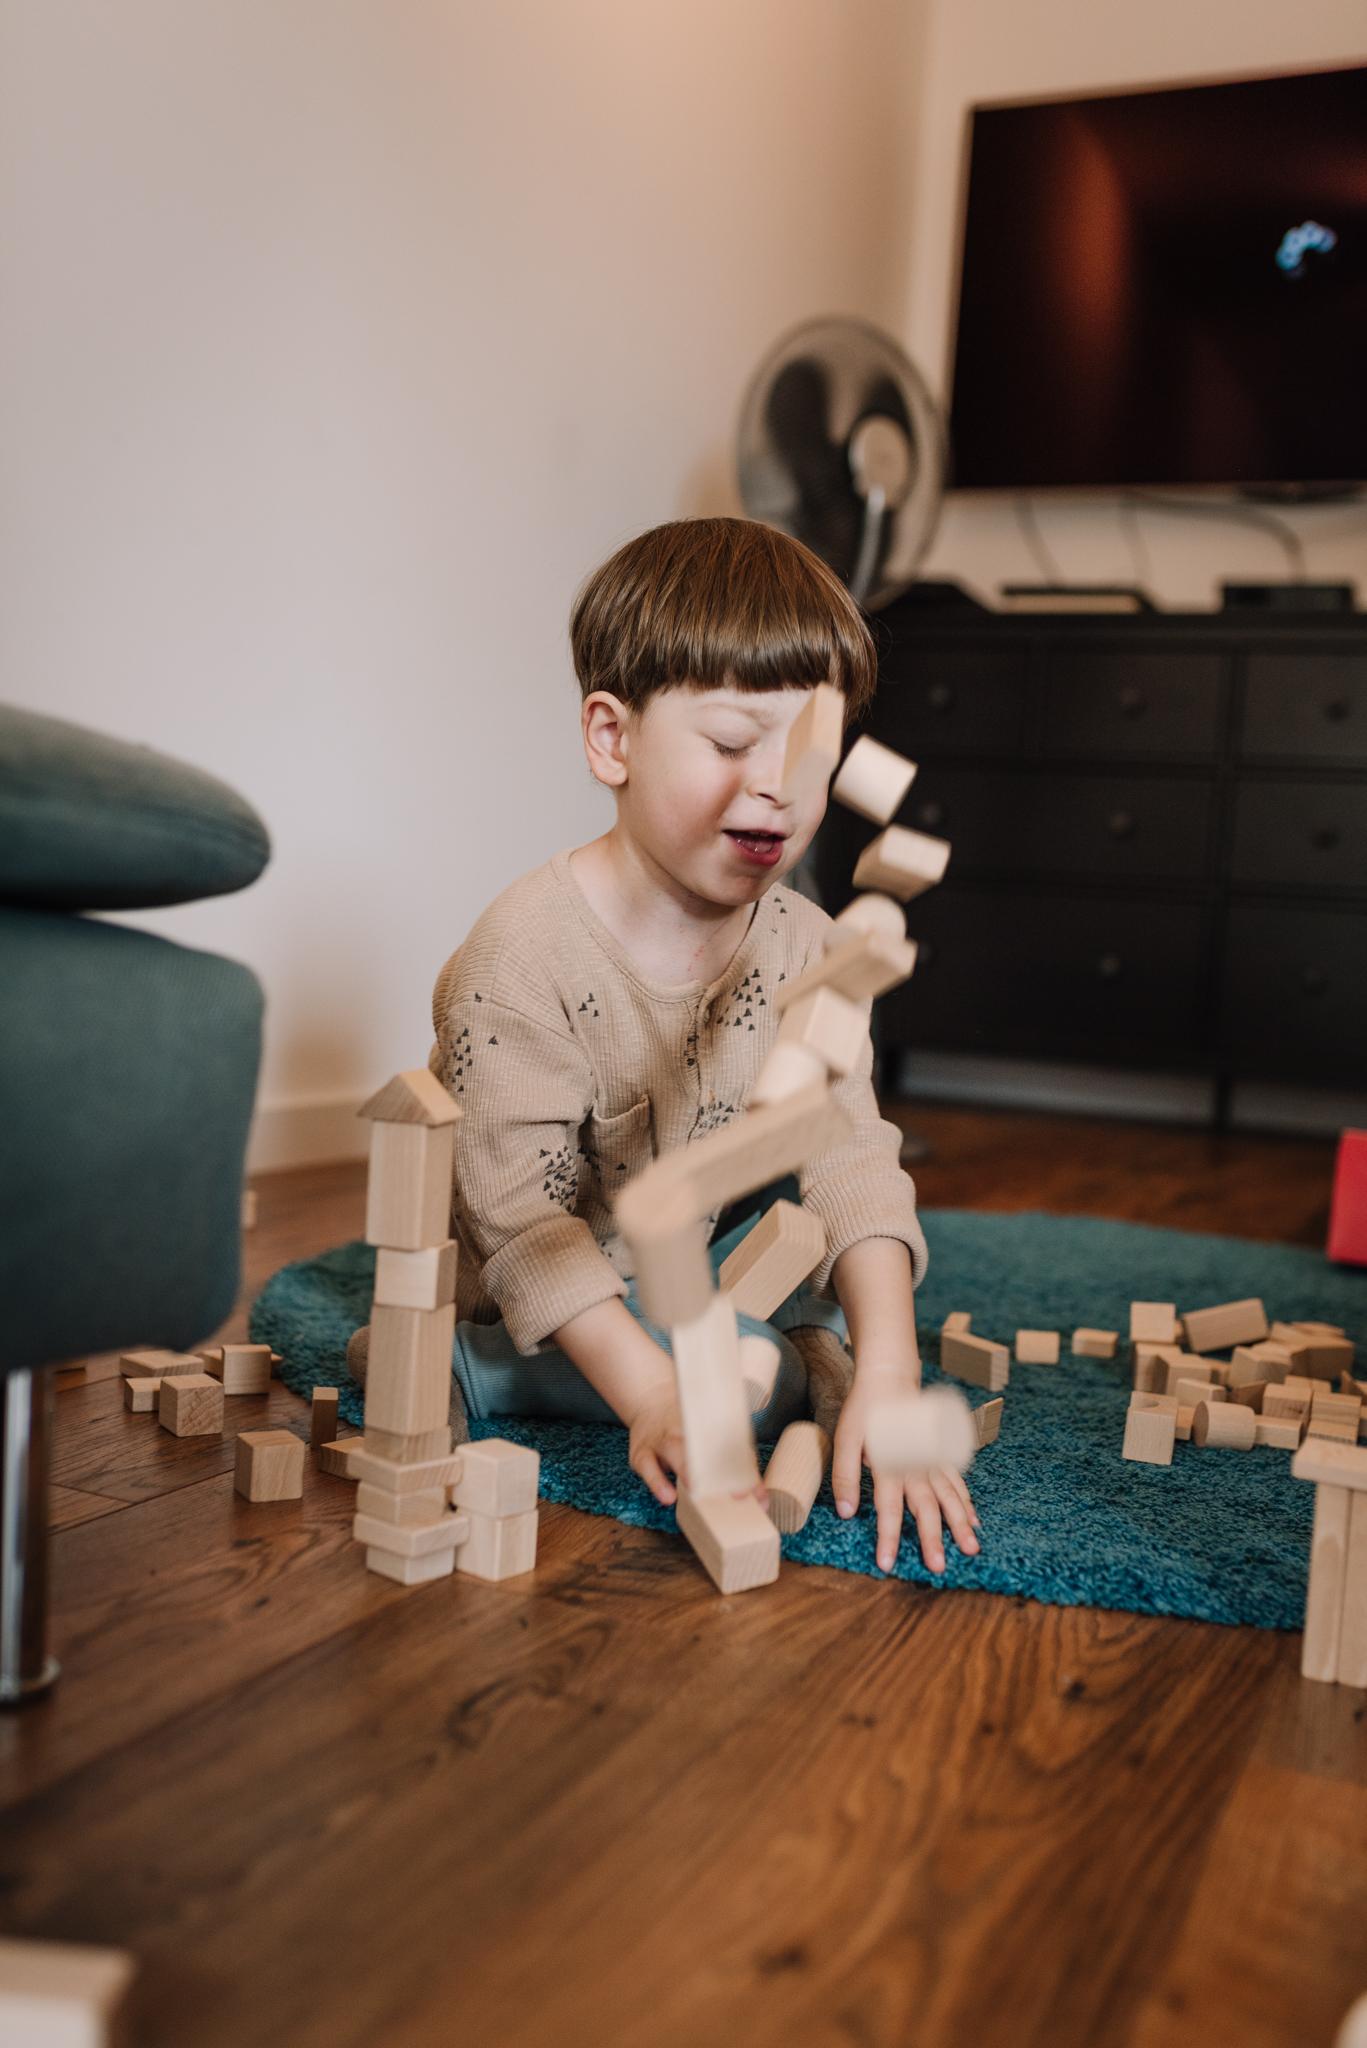 upadająca wieża z klocków drewnianych układana przez chłopca